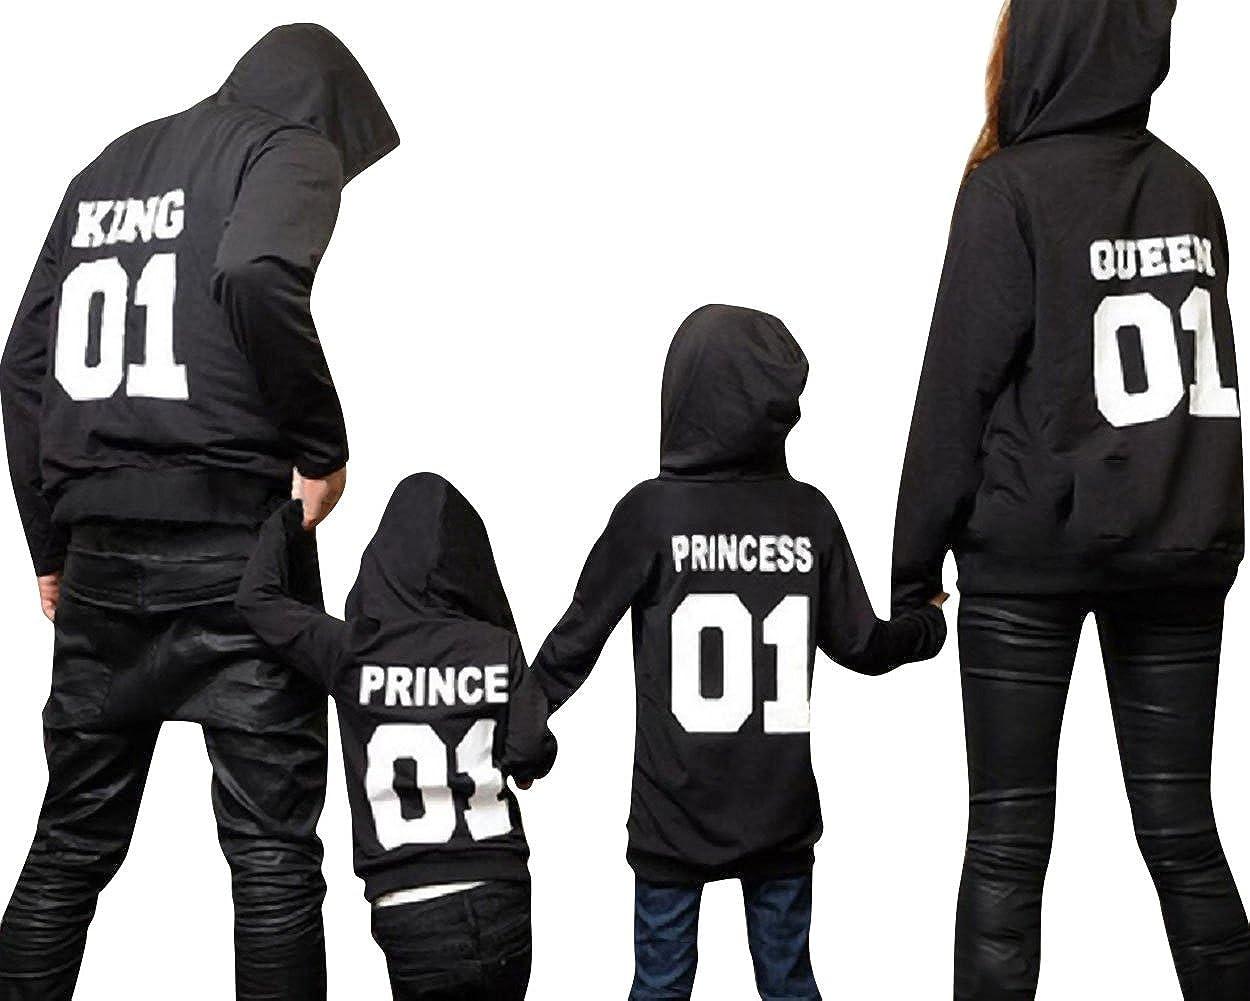 Minetom Hombres Mujeres Niños King Queen Prince PRINCEESS Letra Impreso Sudaderas Tops Mamá Papá Hijo Hija Blusa Pullover Sweatshirt Ropa Familia Negro 130 ...